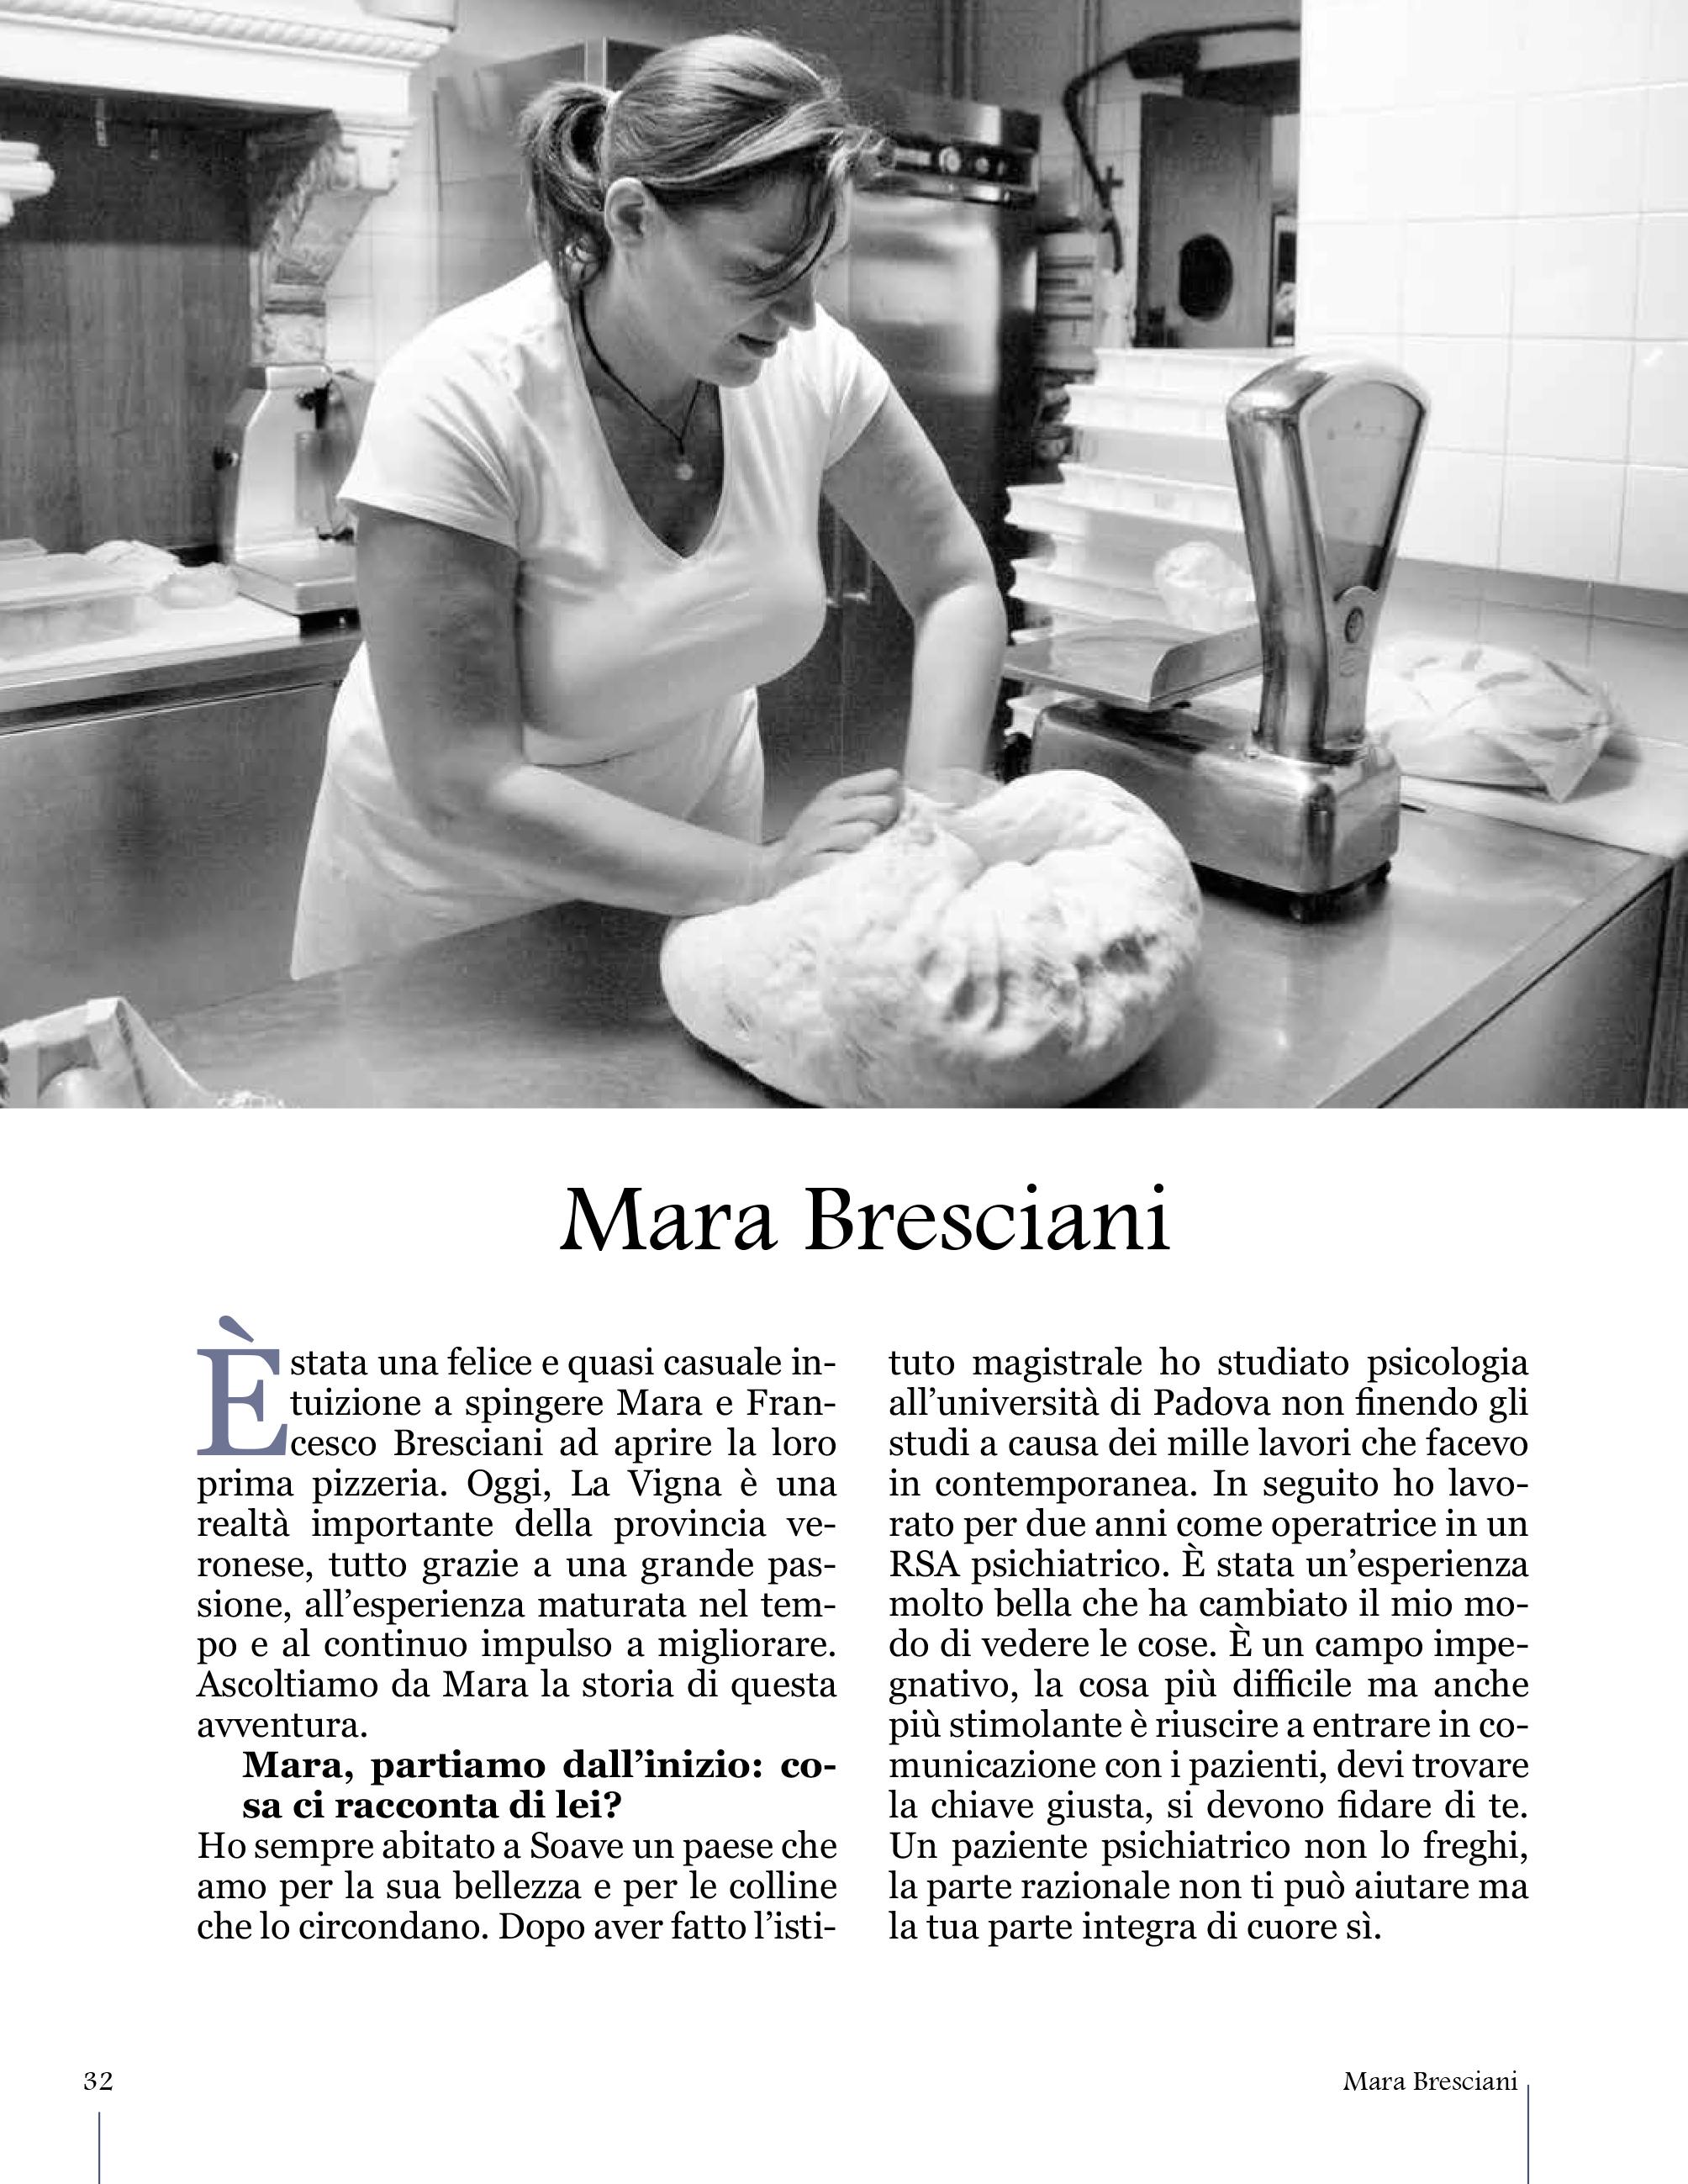 mara bresciani